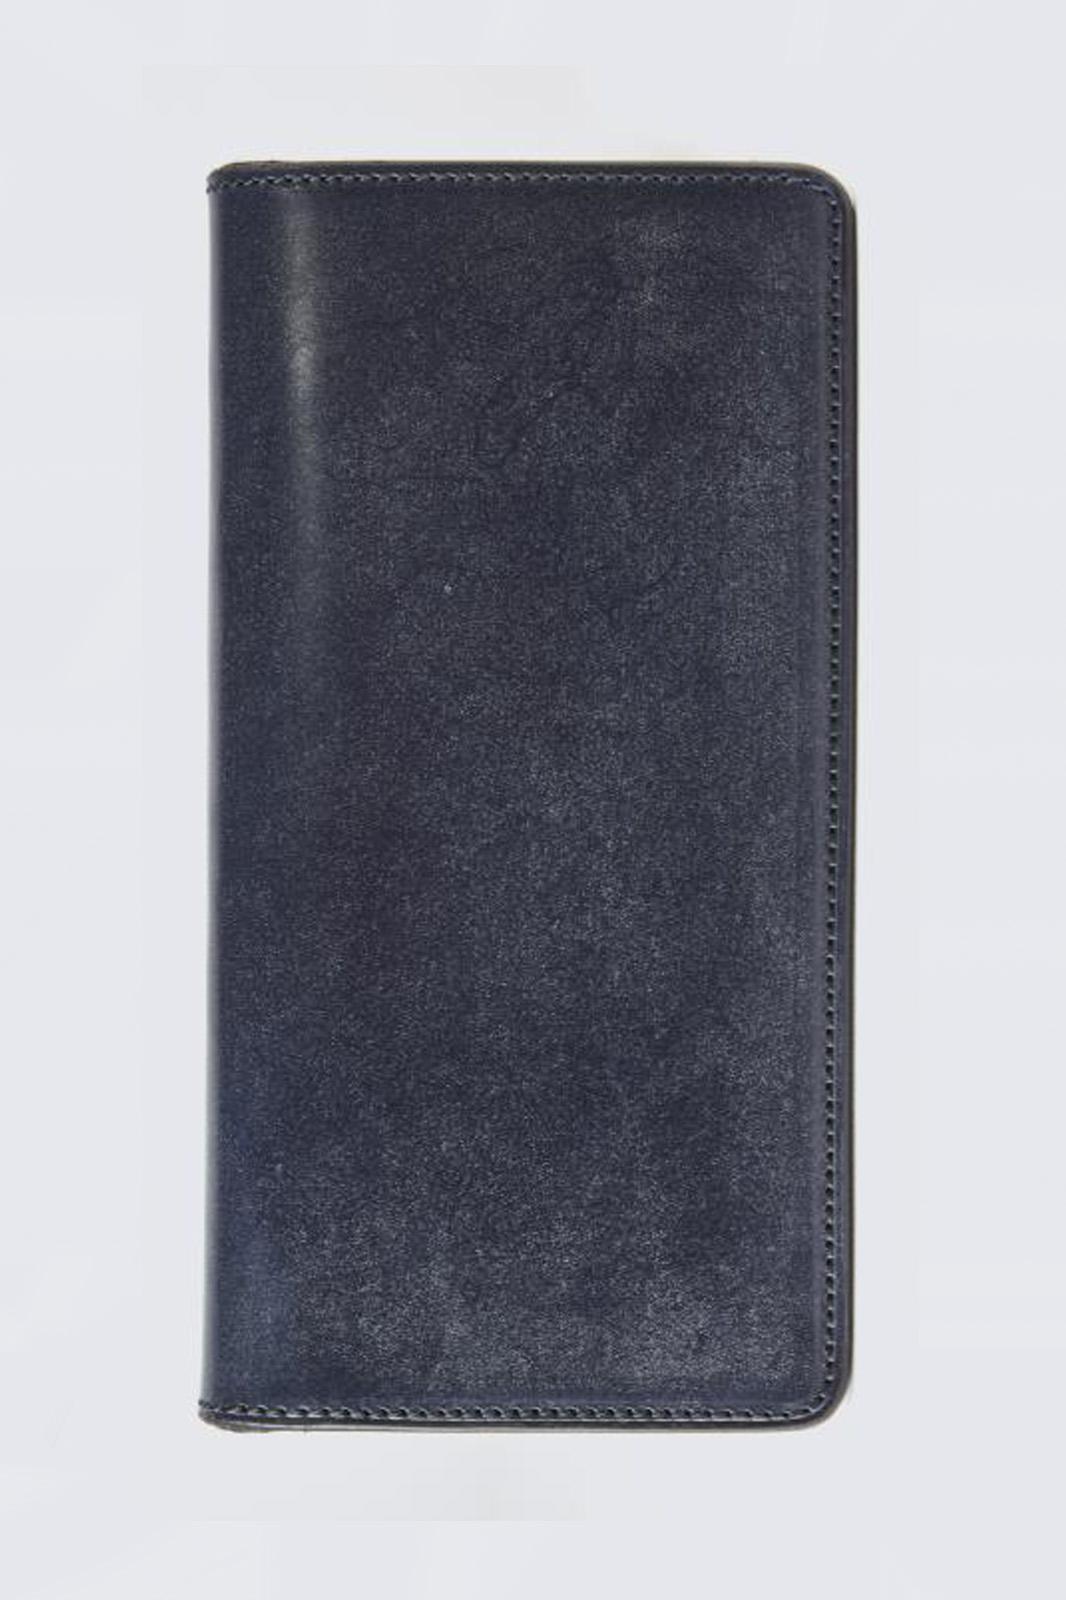 ADDICT CLOTHES JAPAN ACVM UK BRIDLE LEATHER WALLET LONG D.BLUE